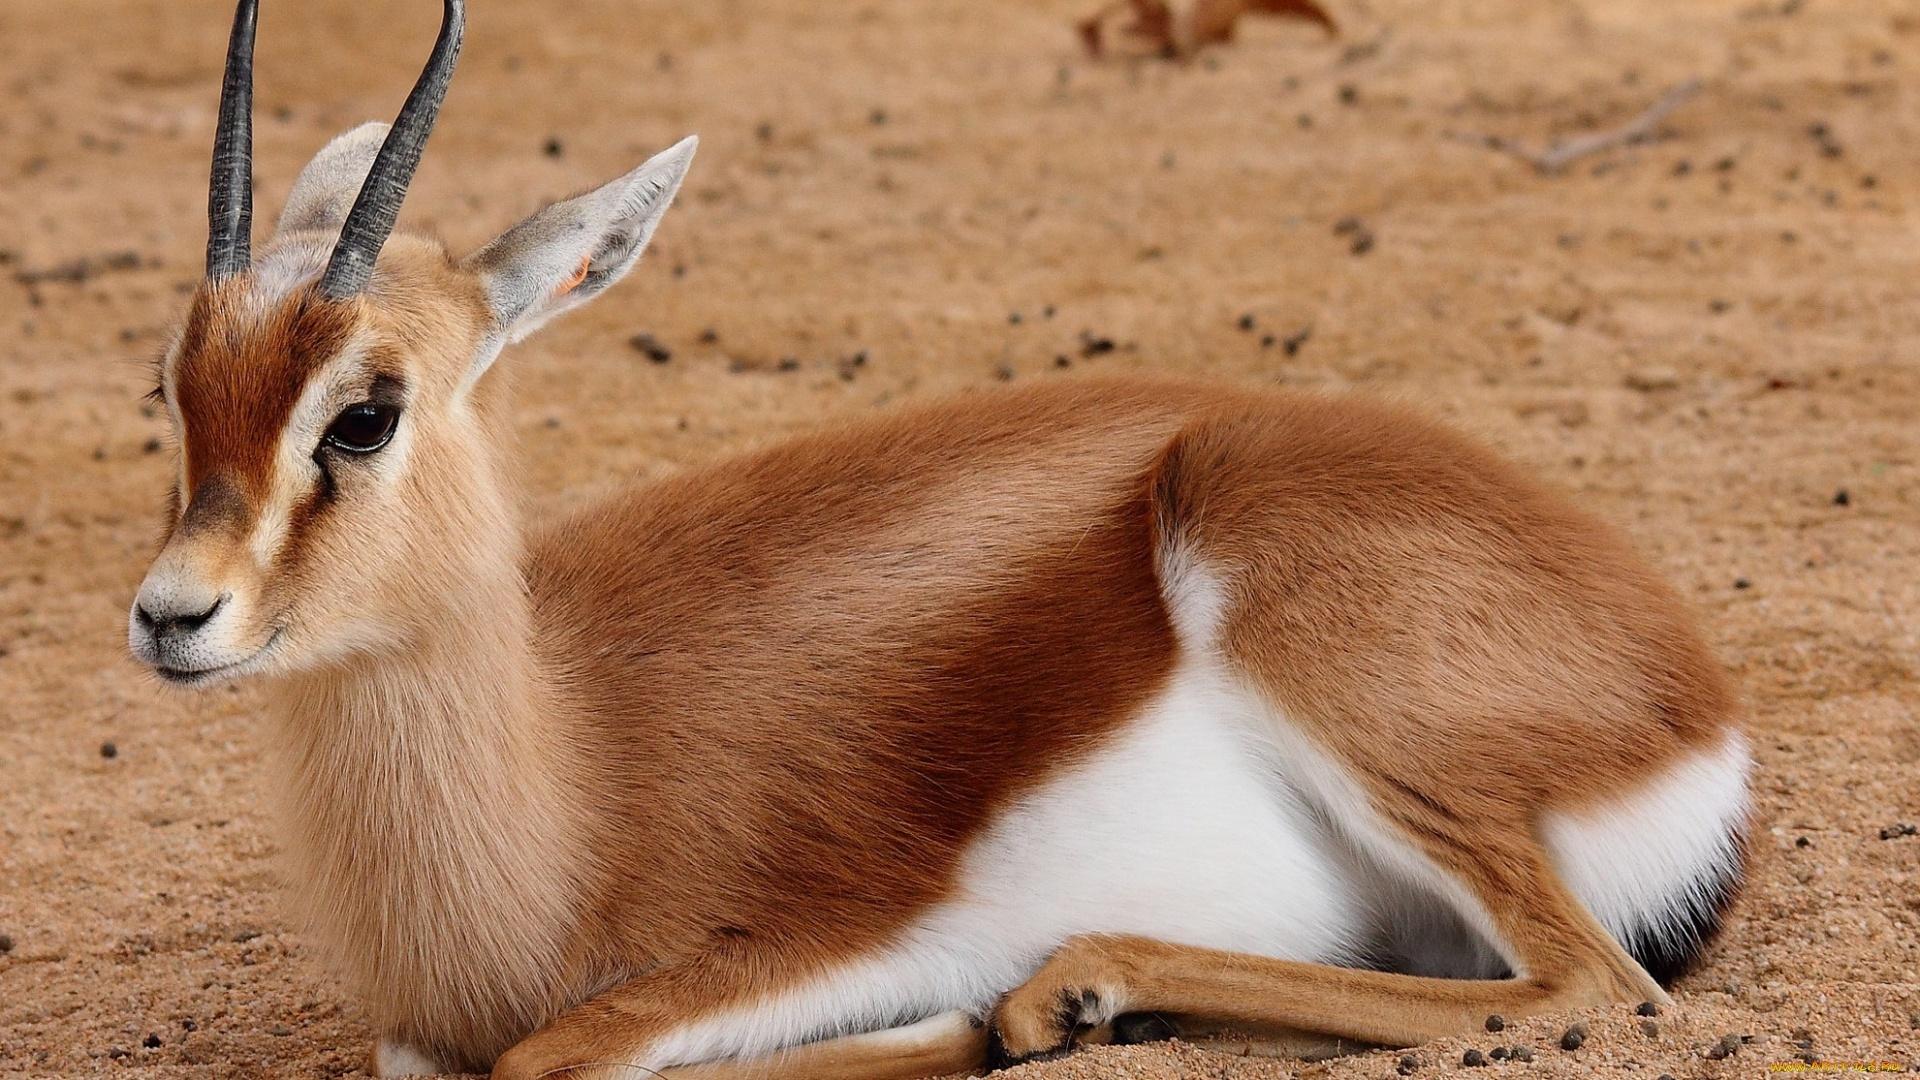 Antelope wallpaper for pc